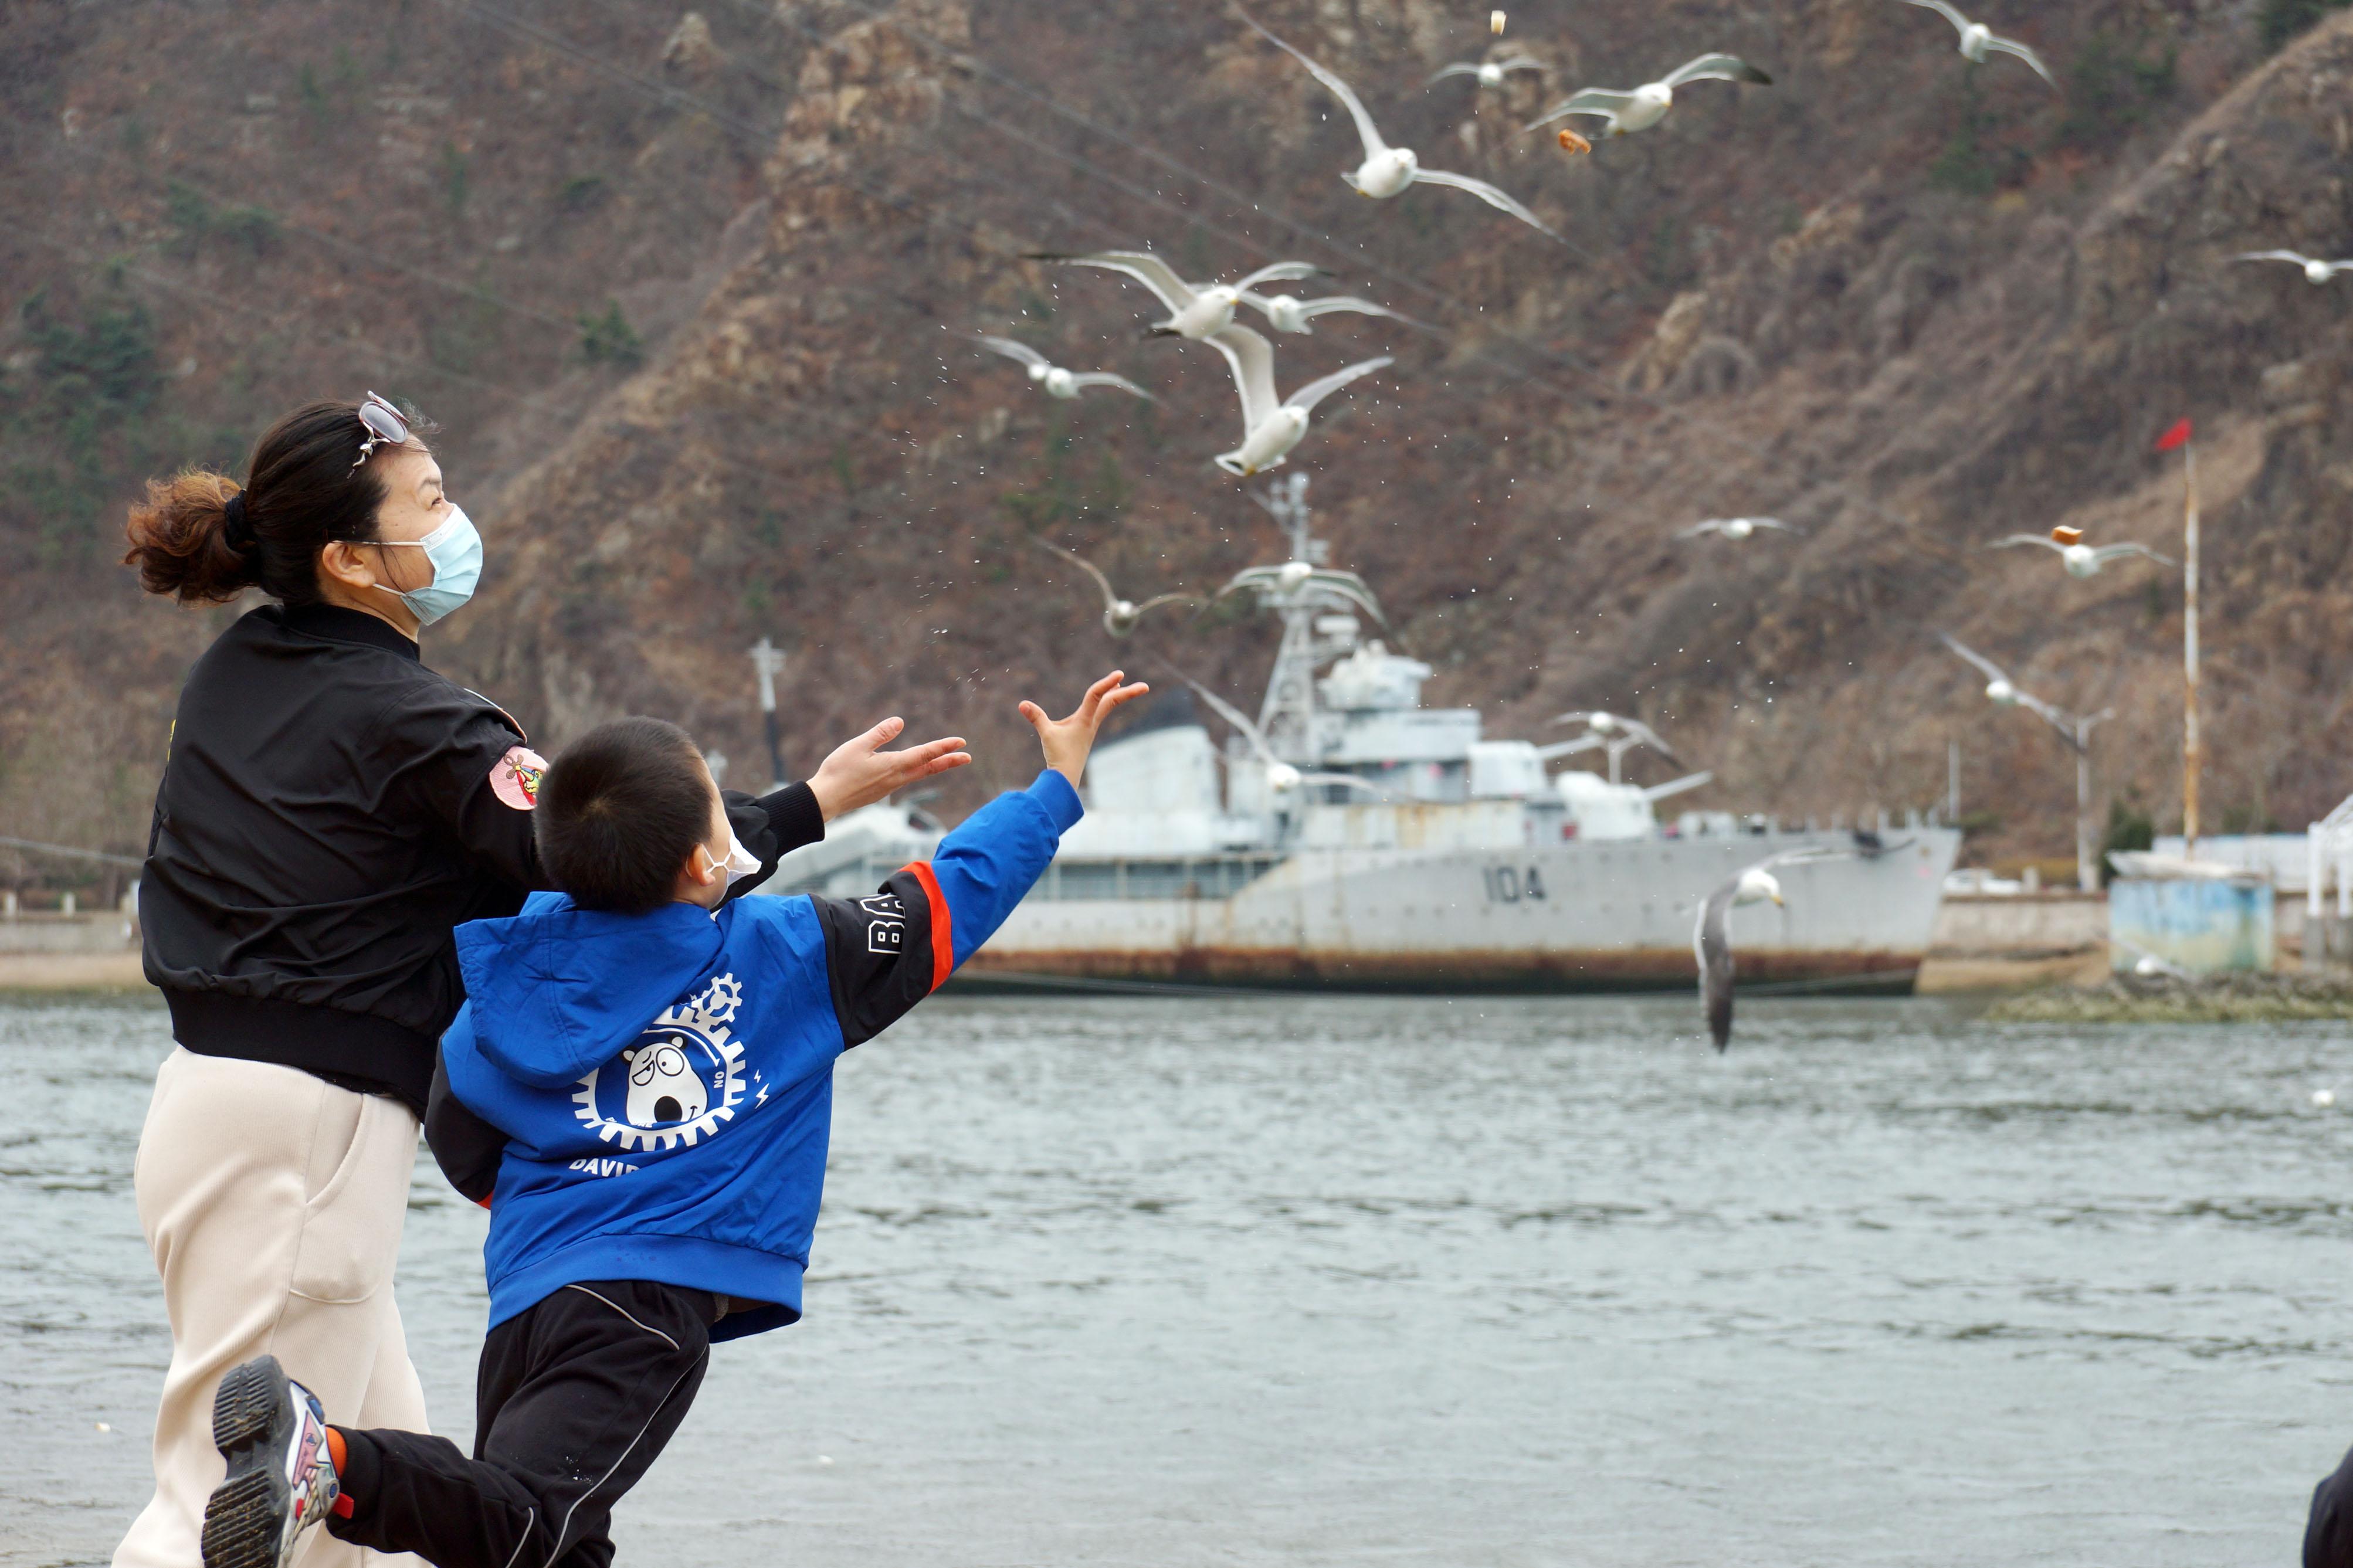 清明小長假首日,數十名小朋友在家長帶領下近距離觀察、餵食海鳥。培養海洋環保意識,感受人與自然和諧共生。(記者宋偉攝)